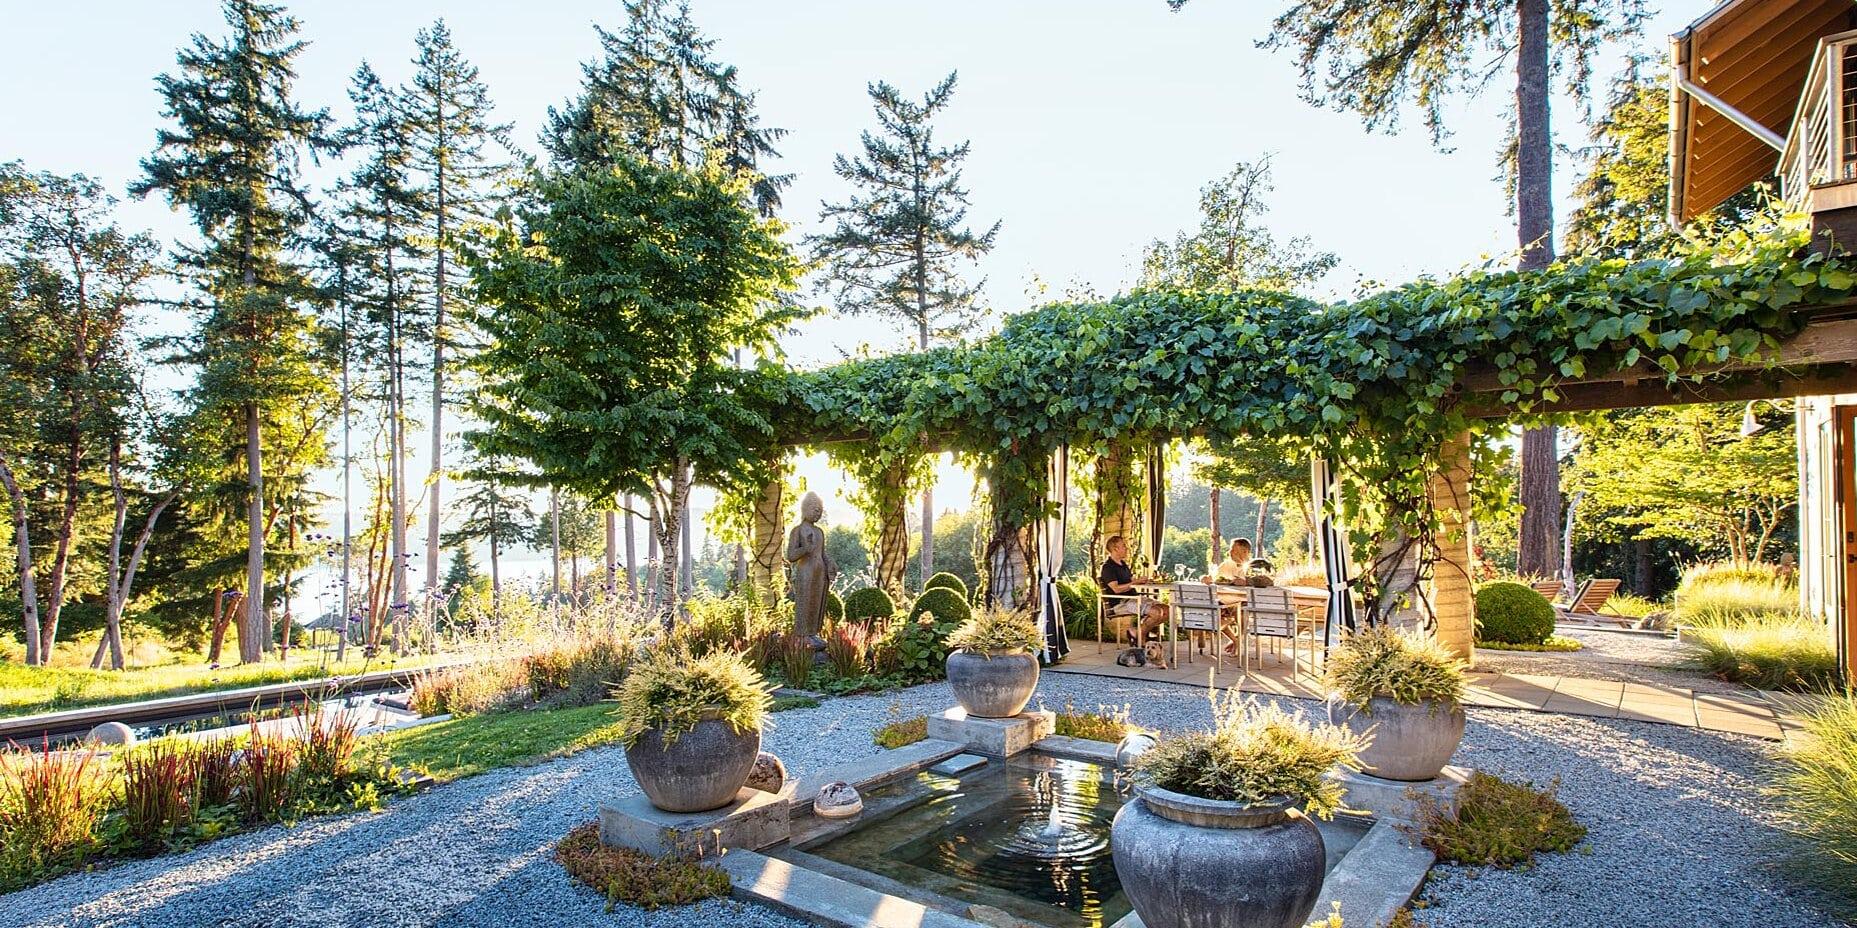 Introducing the English Garden Fountain